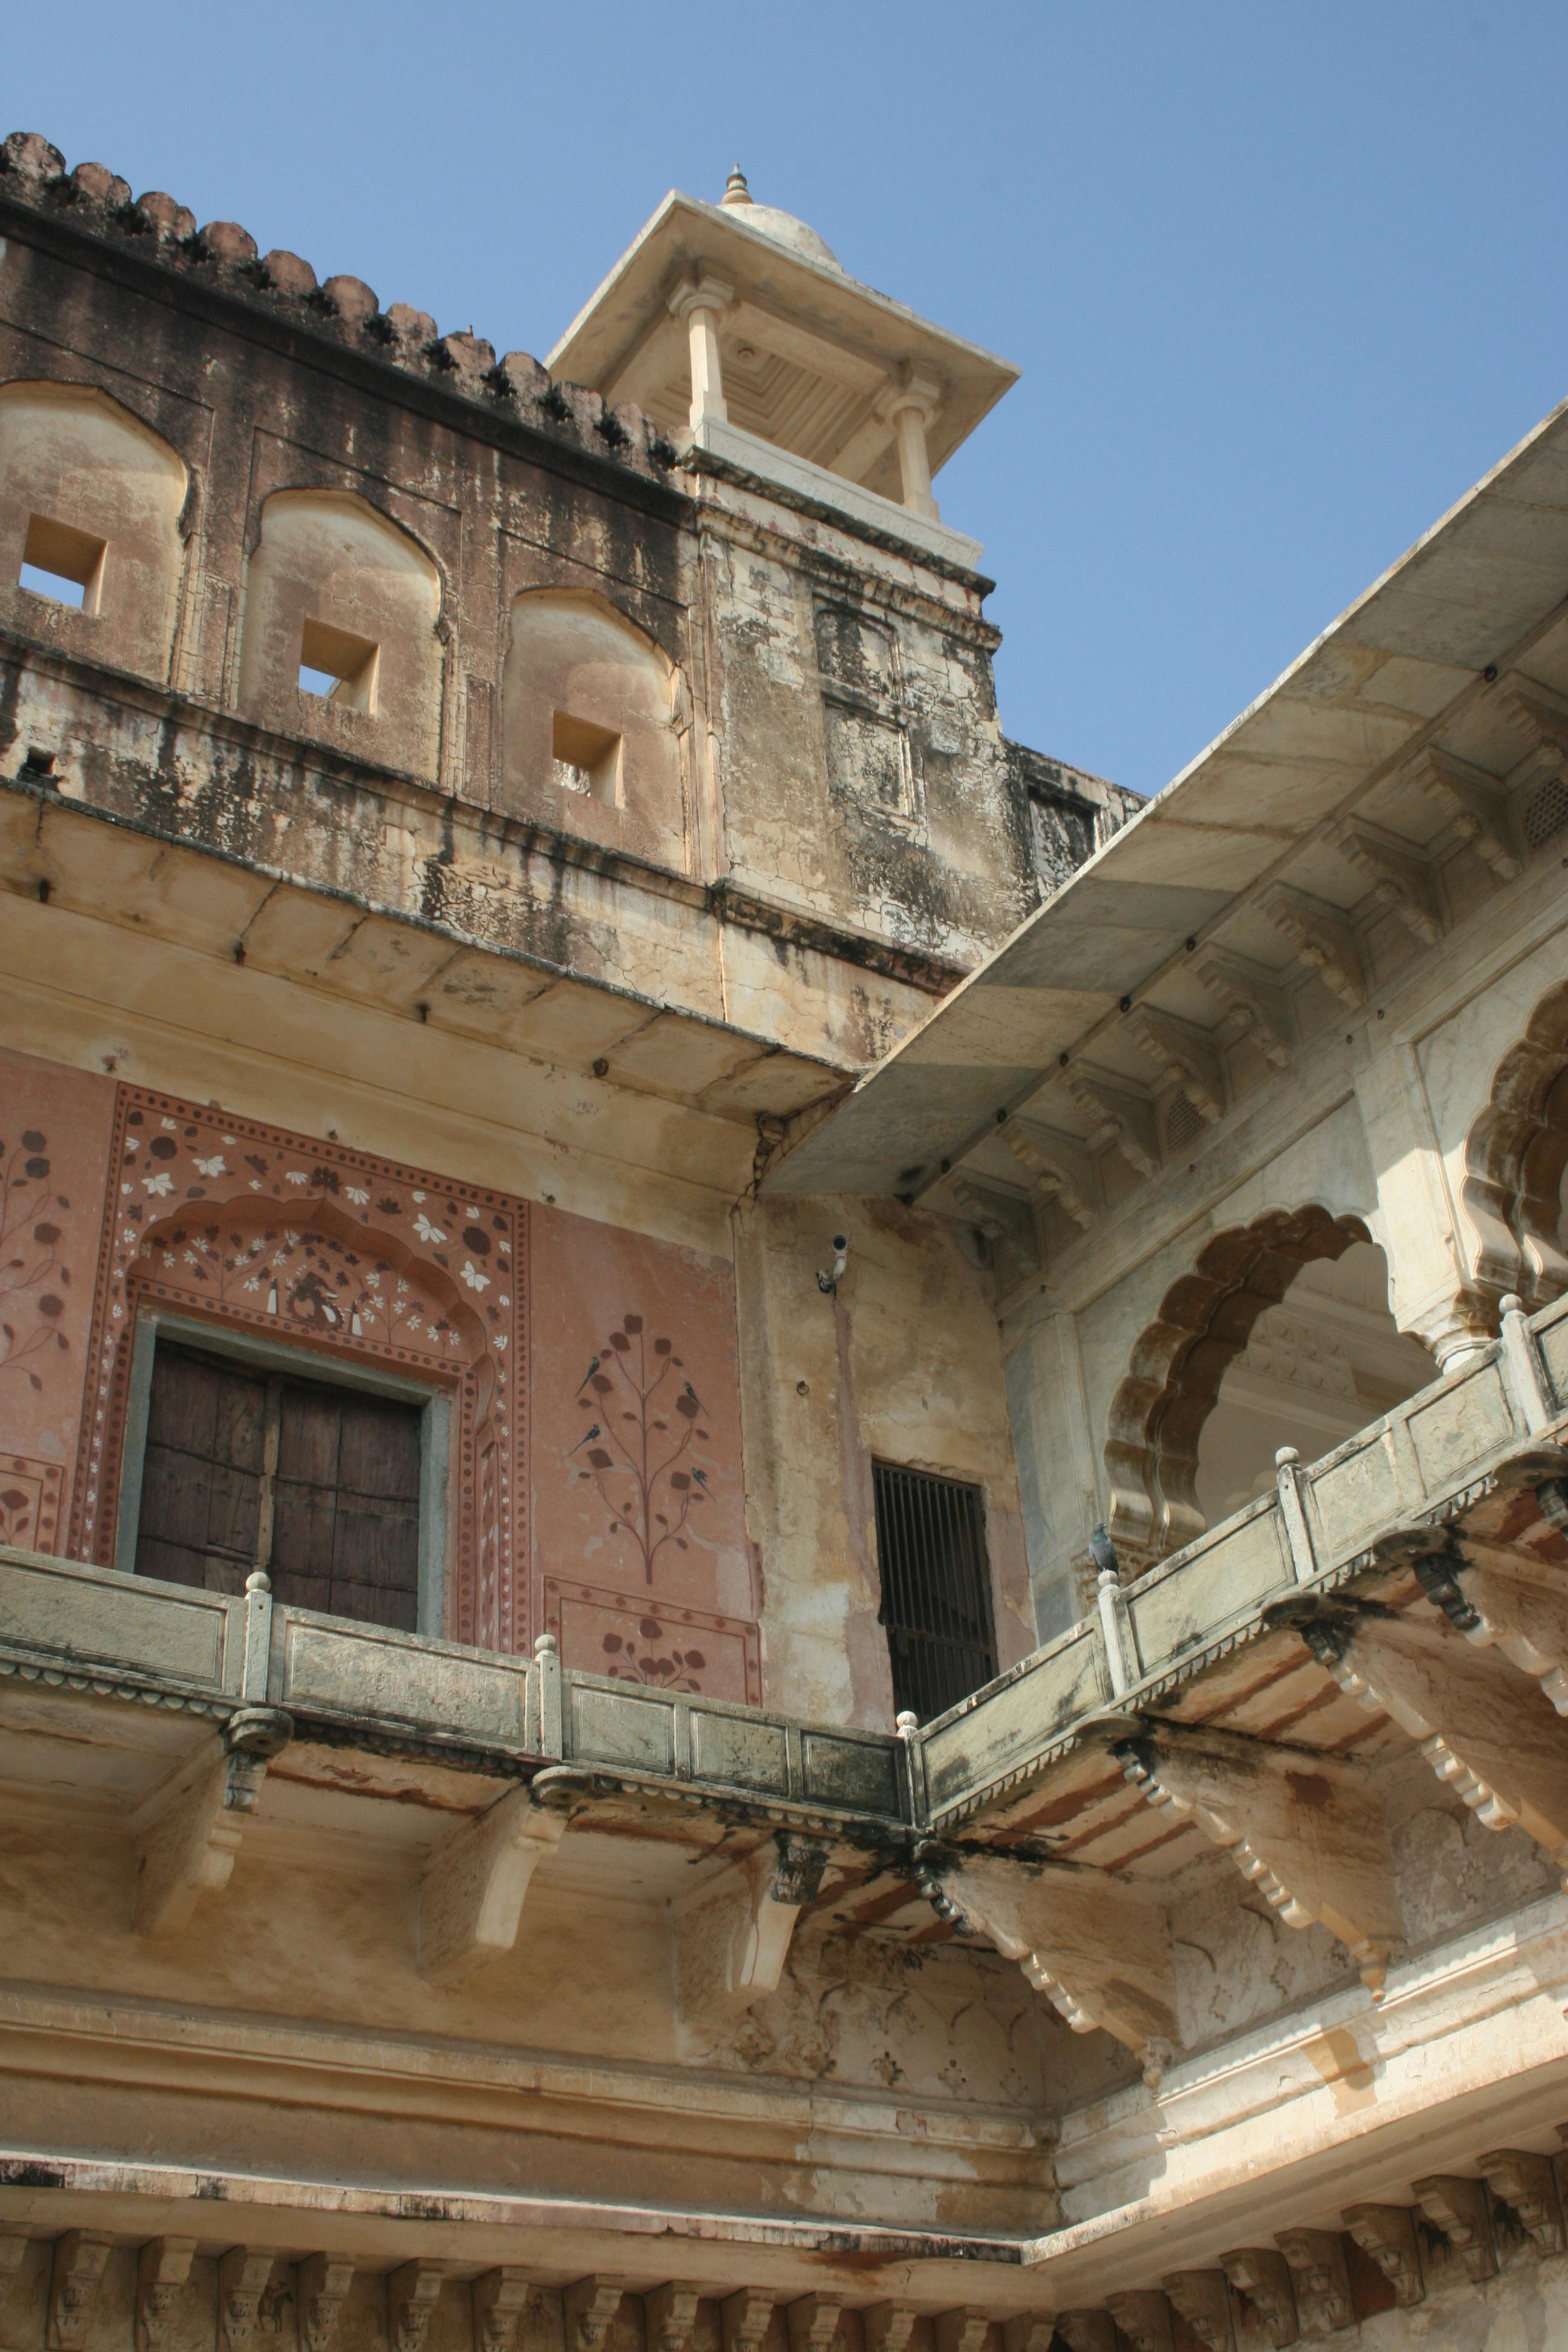 Temple Balconies